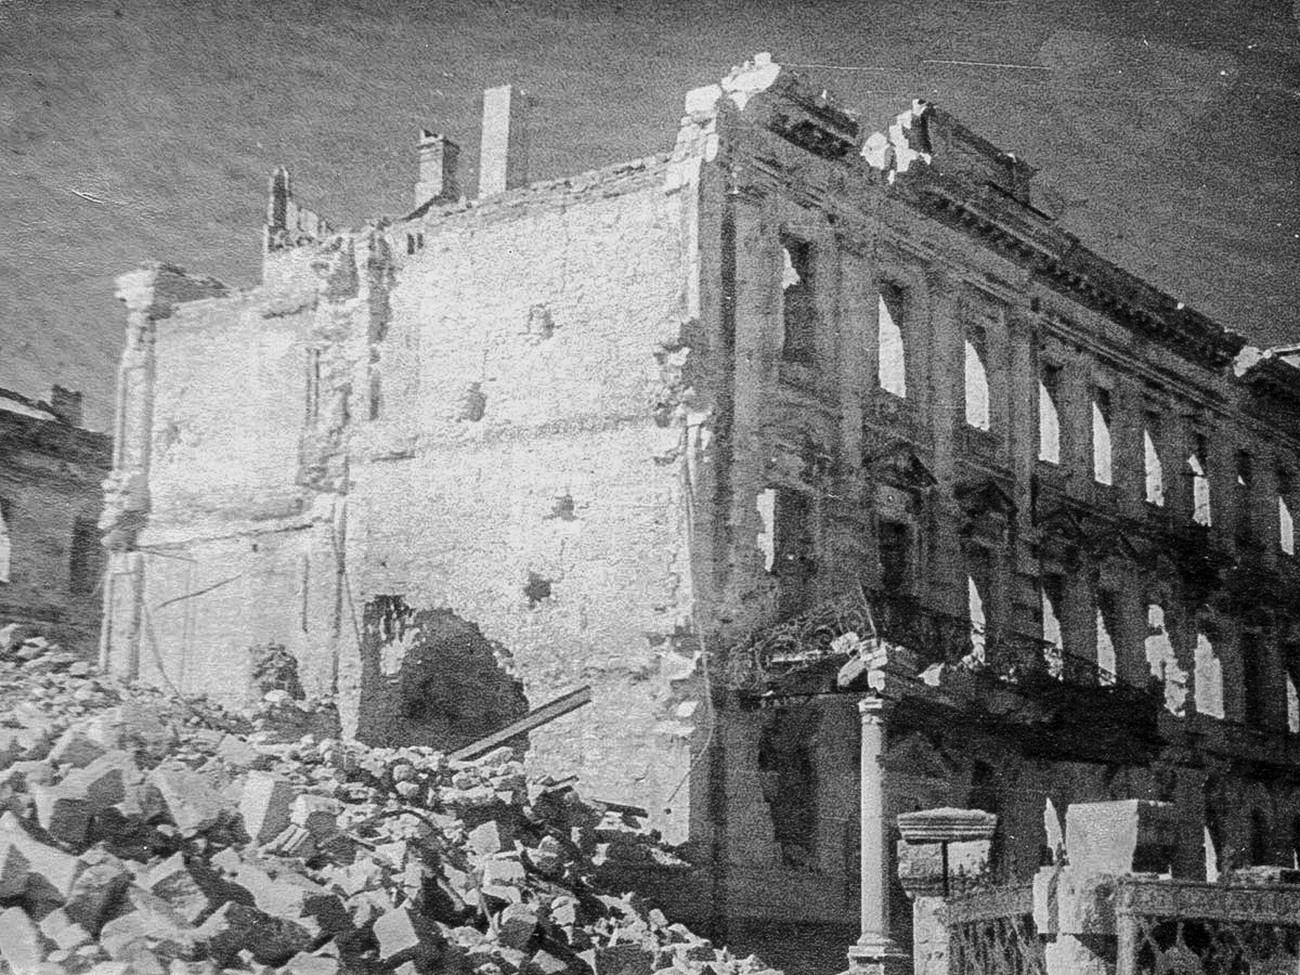 Bâtiment de l'état-major de la flotte de la mer Noire, détruit par les Allemands